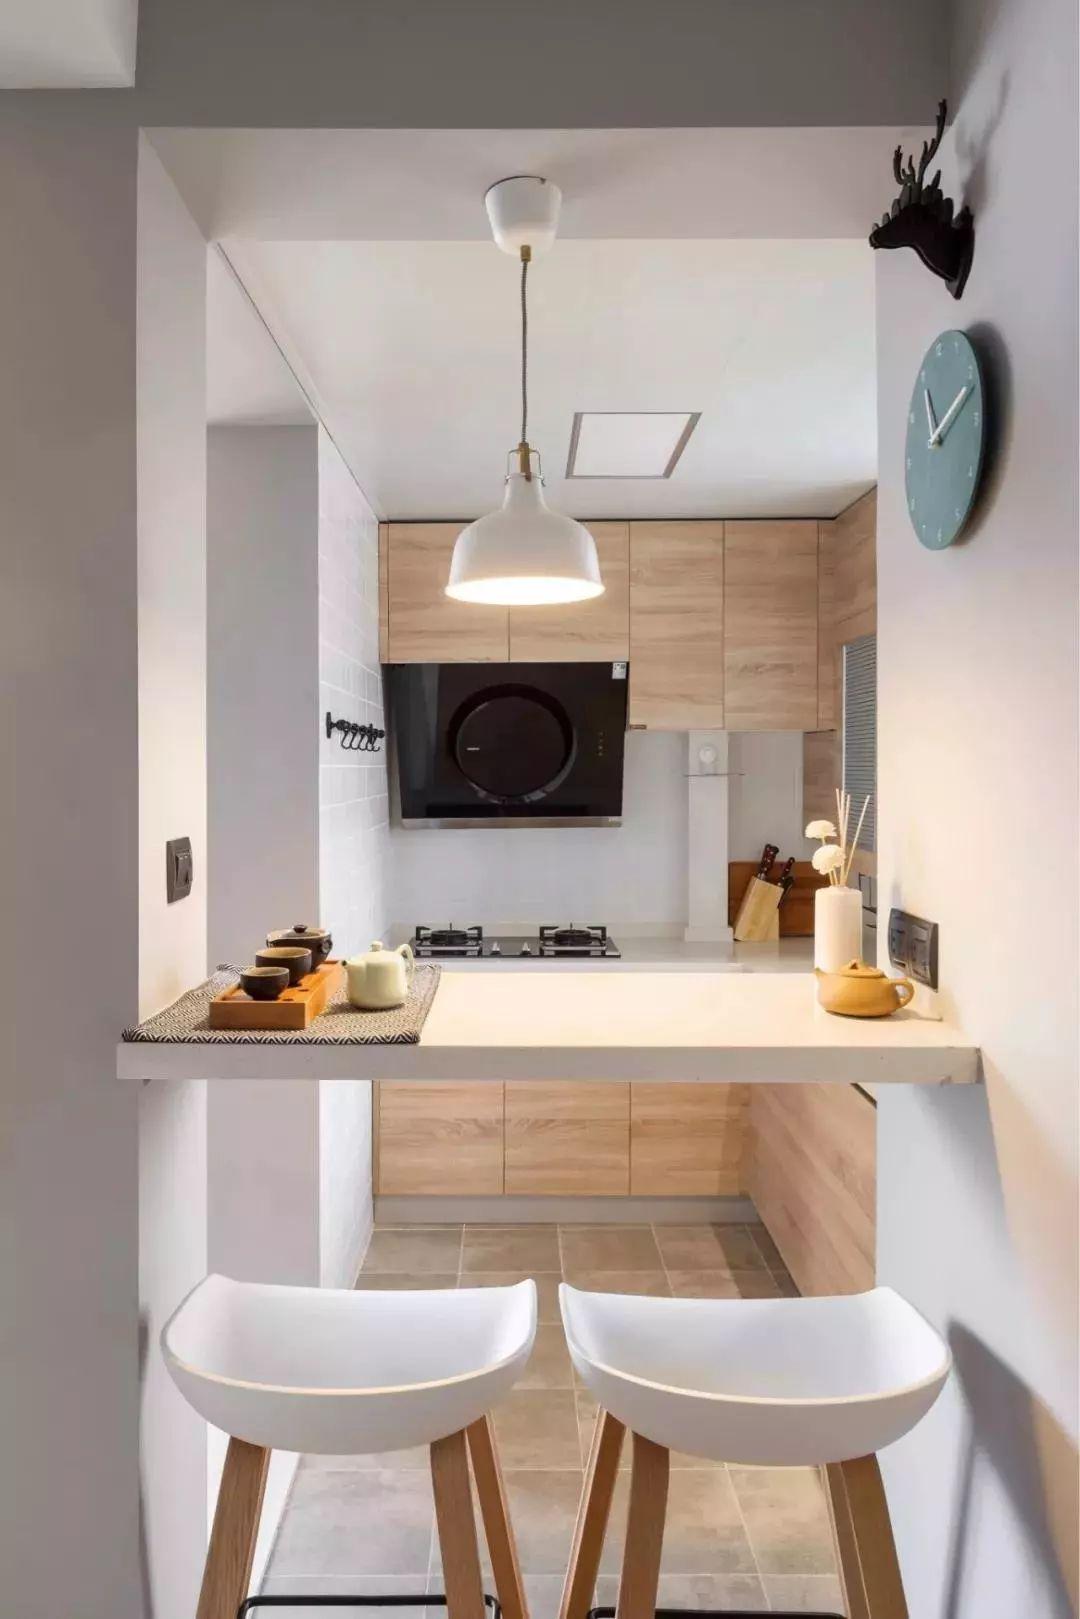 吧台的n种设计方案,休闲,隔断,用餐都可以!图片